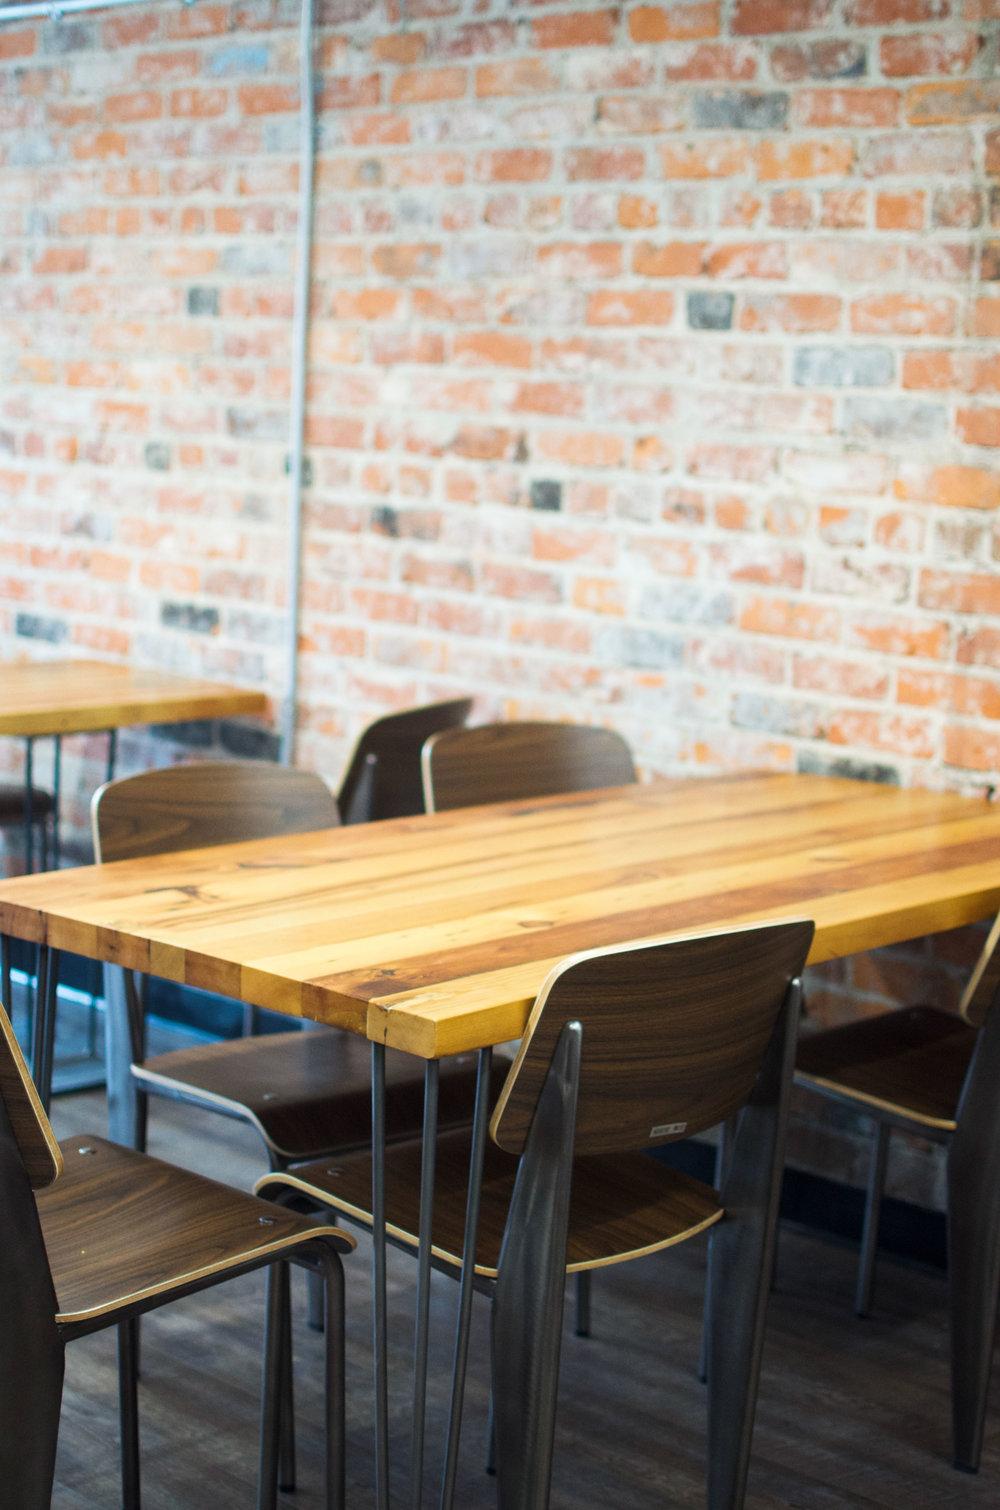 Wendling_Boyd_Foster_Flint_Fwrd_Coffee_Shop.jpg